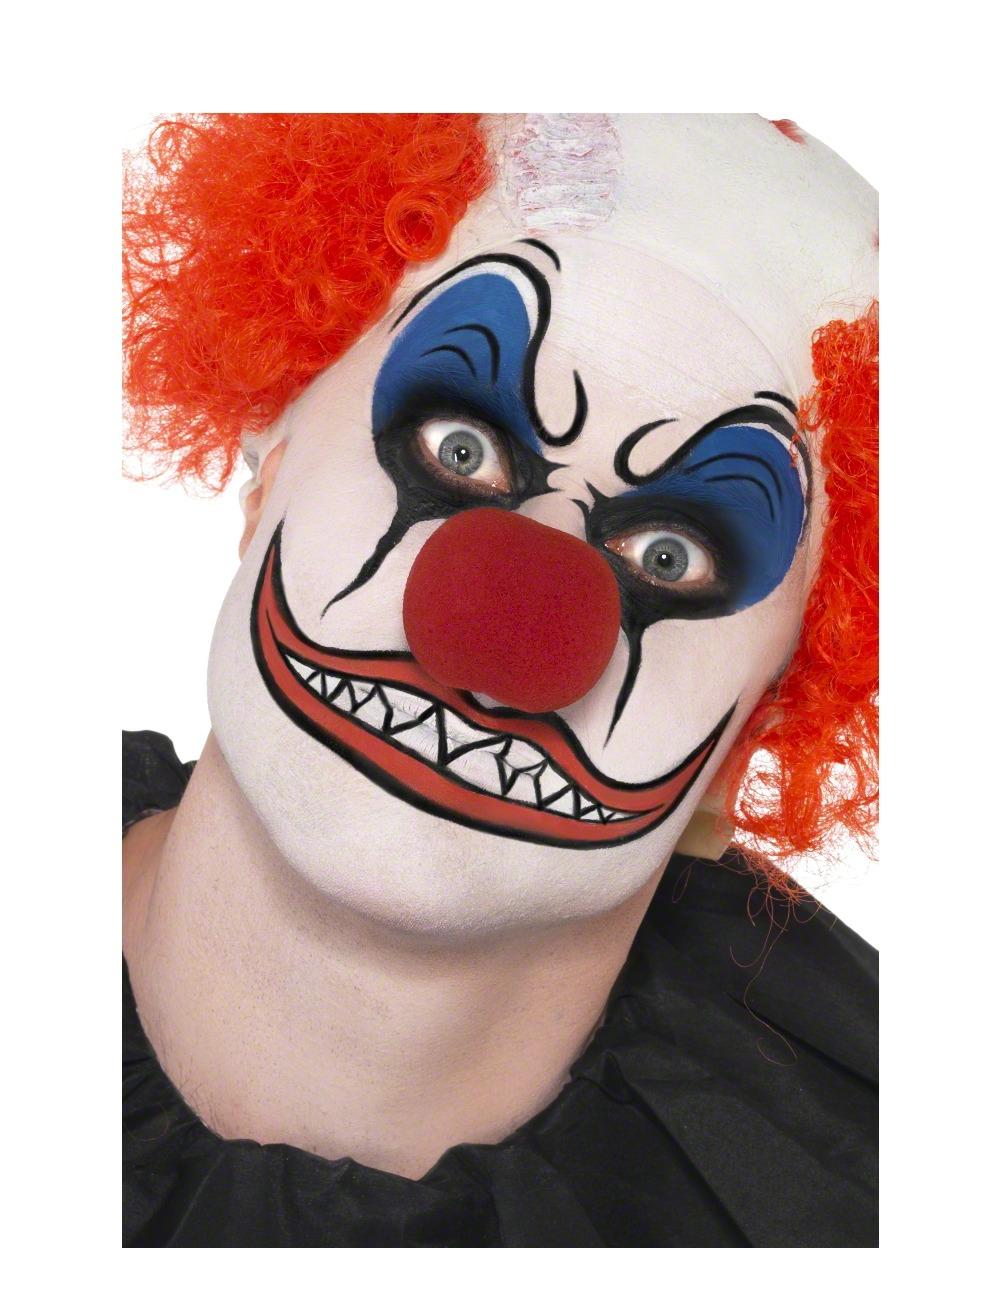 kit maquillage clown adulte d coration anniversaire et f tes th me sur vegaoo party. Black Bedroom Furniture Sets. Home Design Ideas